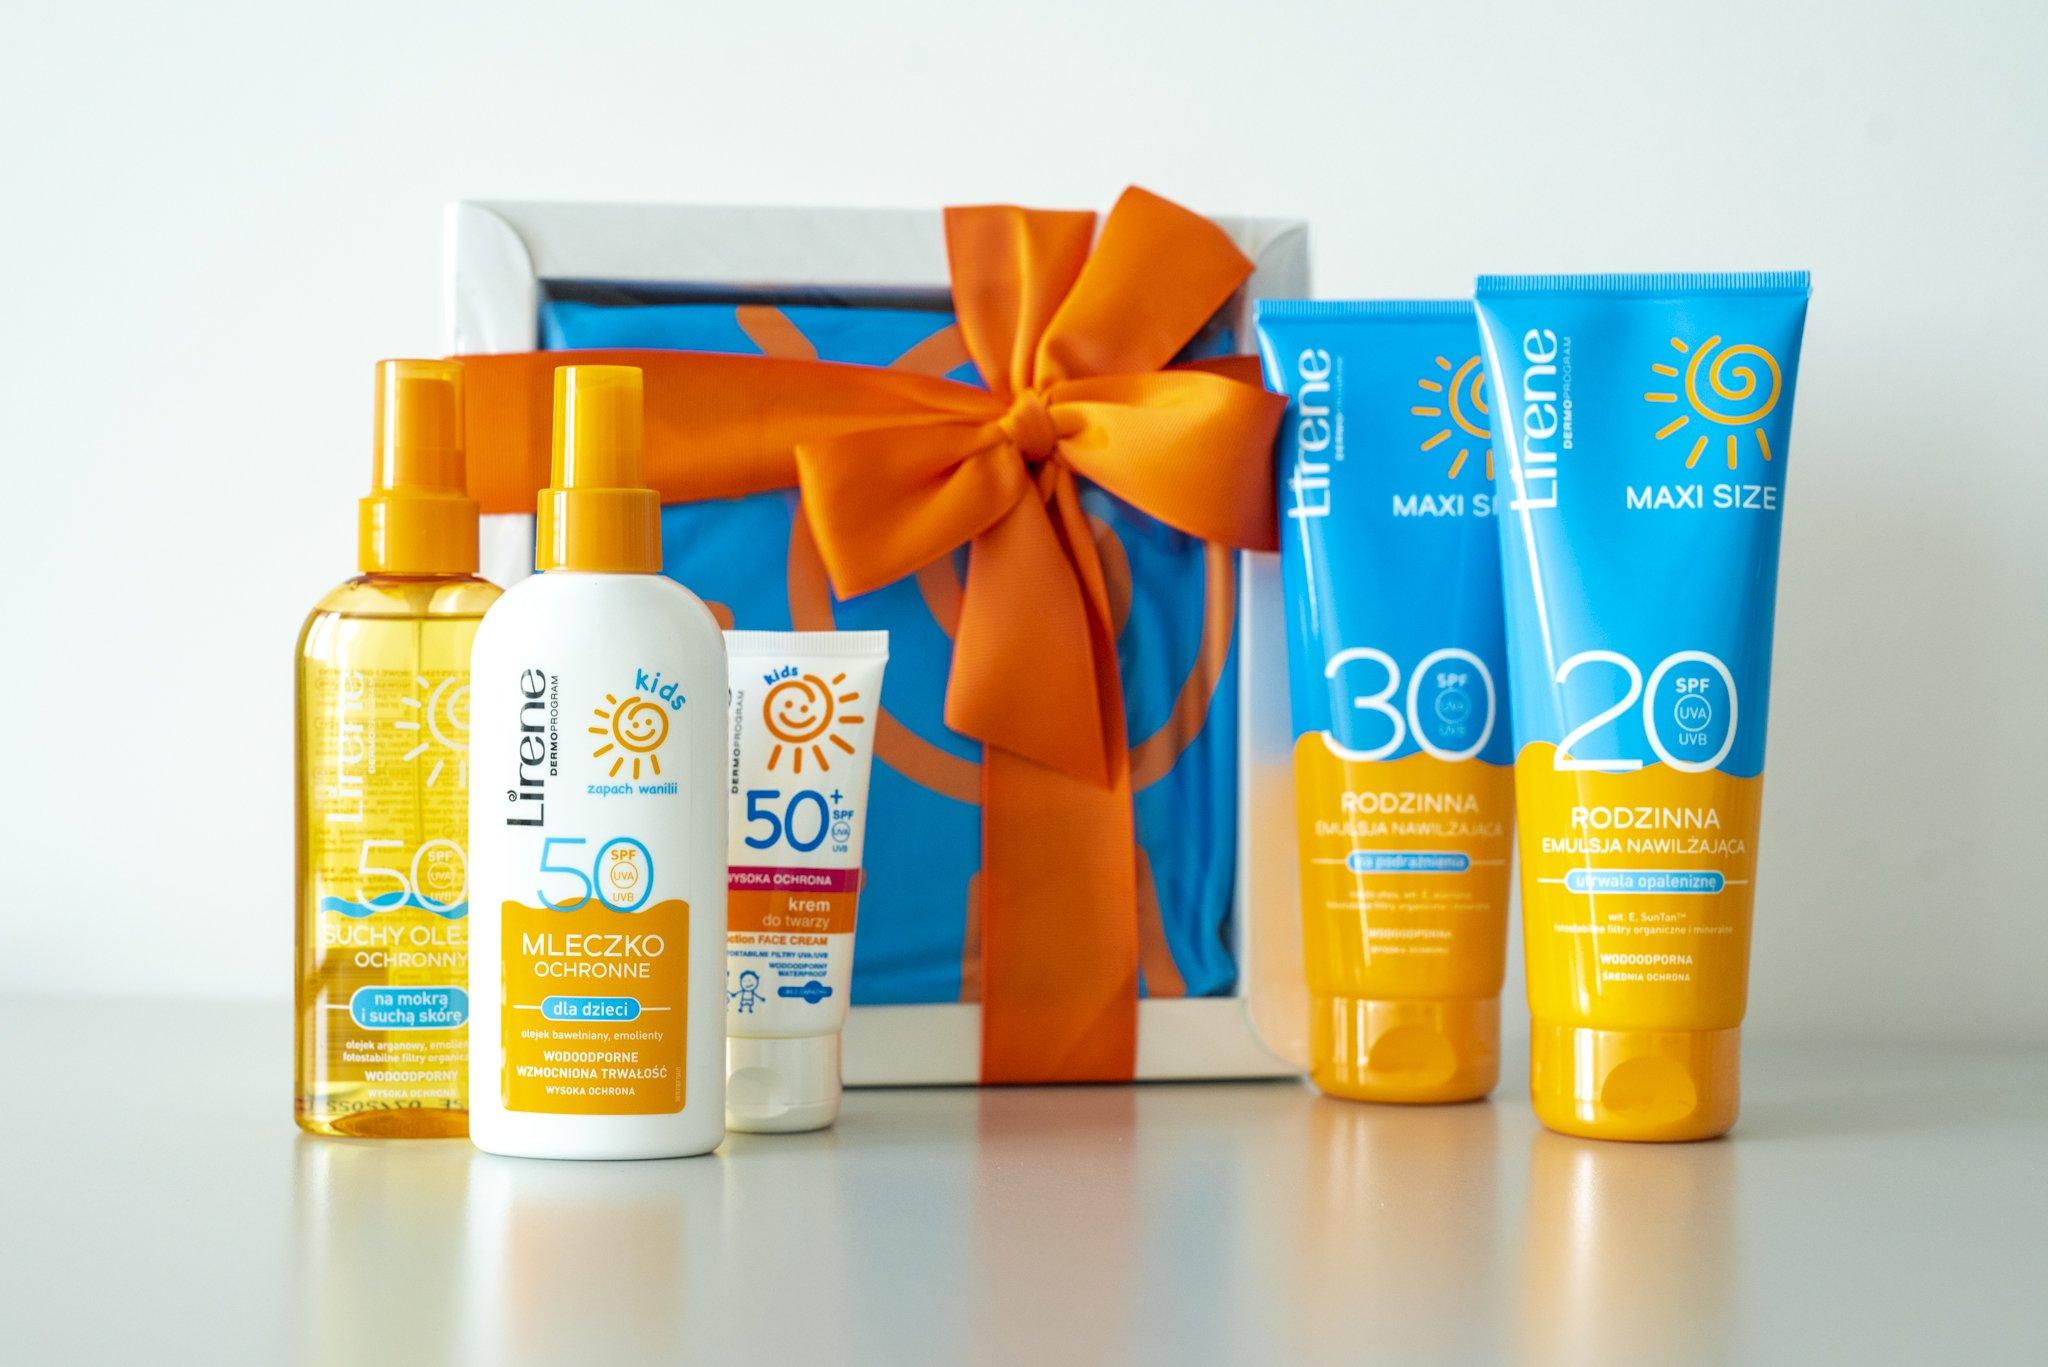 Słoneczny konkurs – do wygrania kosmetyki przeciwsłoneczne dla całej rodziny!